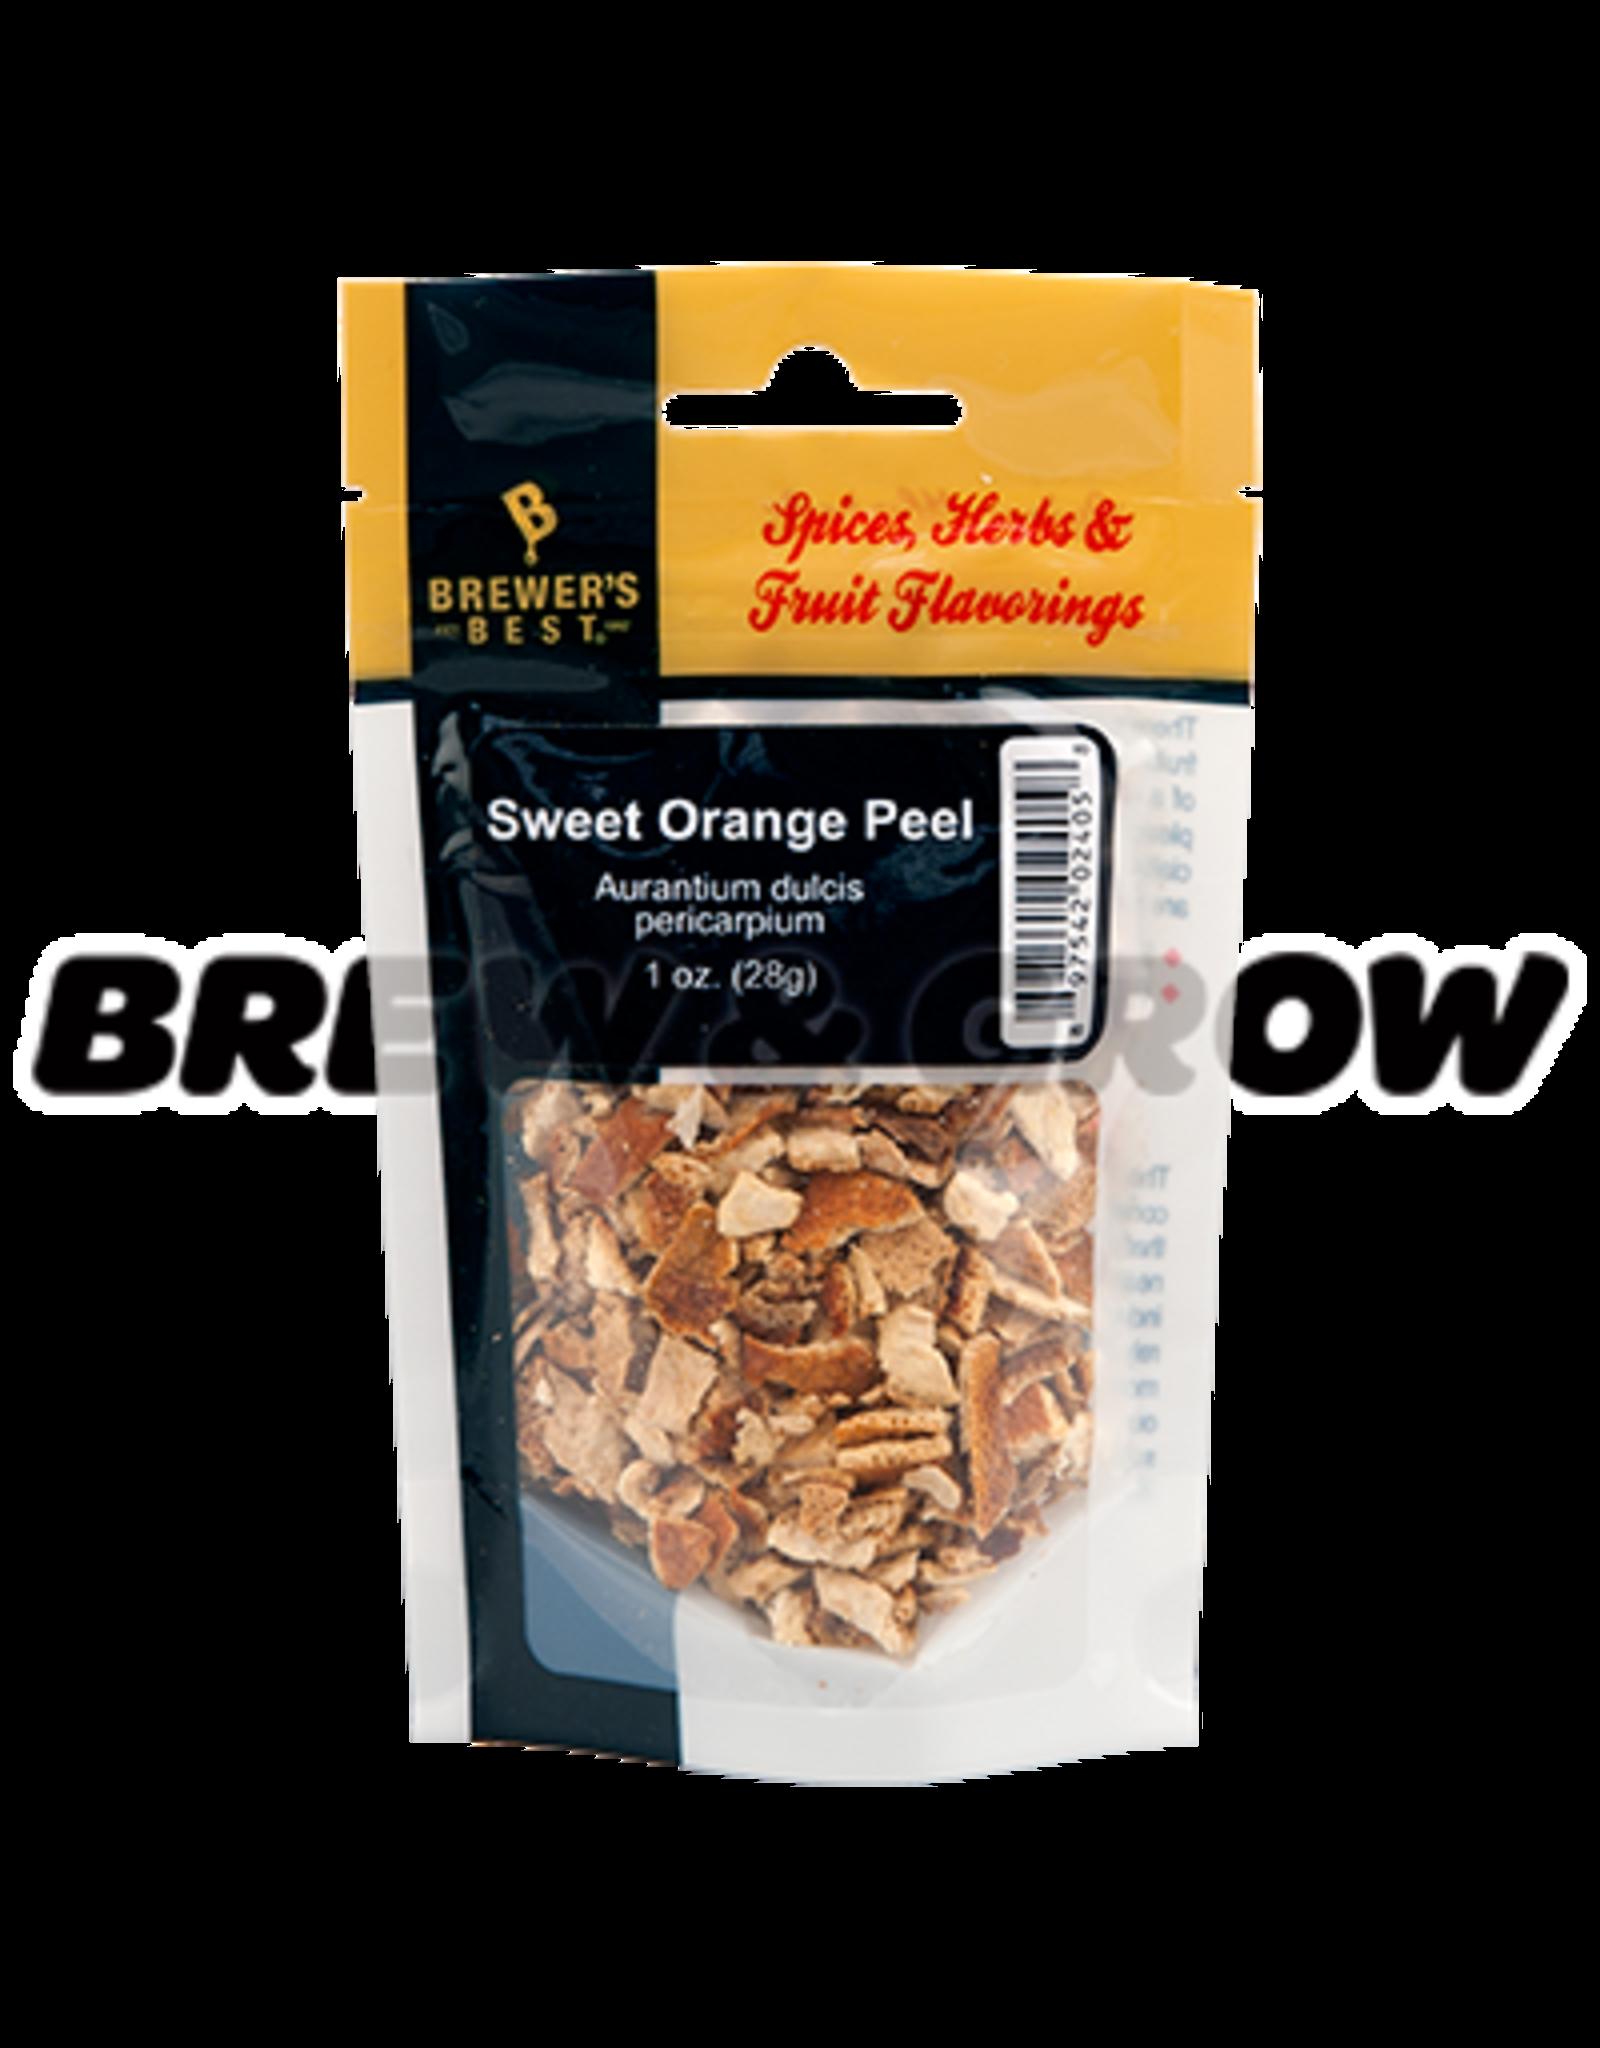 Flavoring - Sweet Orange Peel 1 oz